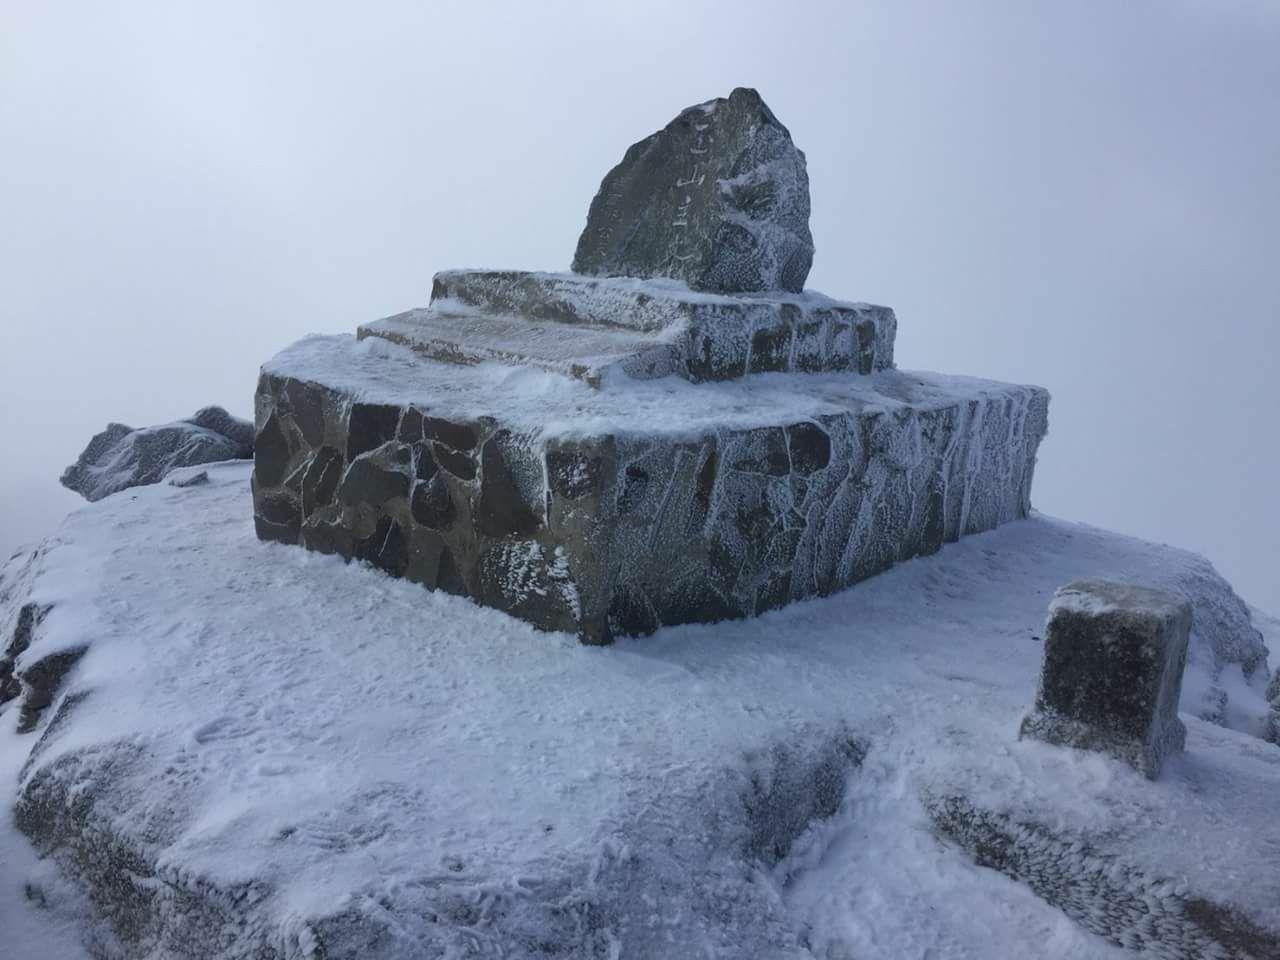 大陸冷氣團南下,氣溫急凍,網友紛紛轉傳山友傳來玉山主峰冰天雪地照片。圖/網友提供